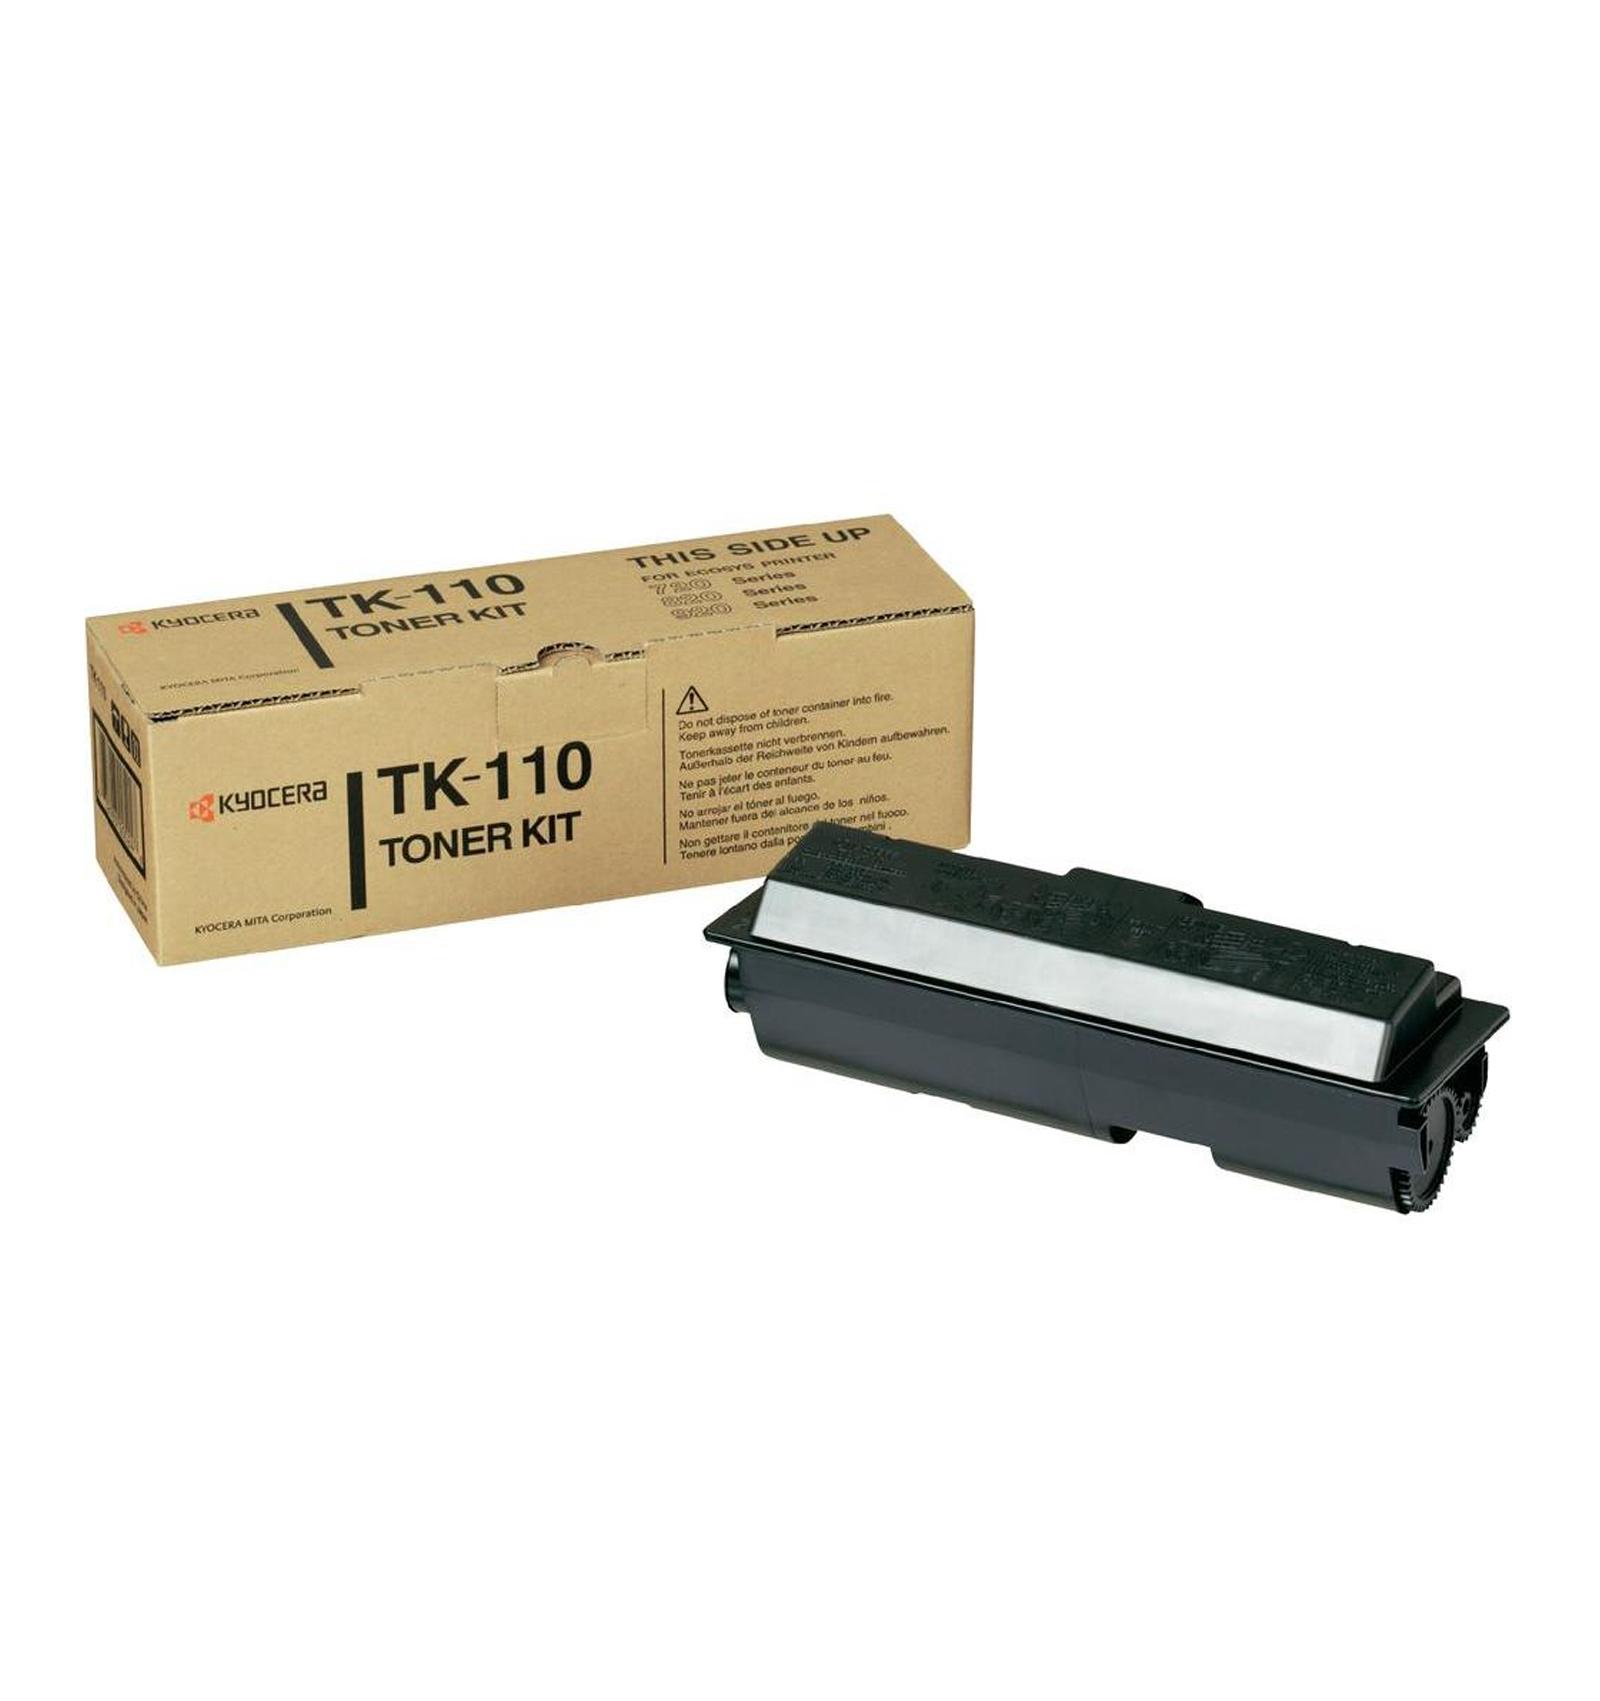 Kyocera TK-110 для FS-1016mfp/1116mfp/720 /820820n/920/920n